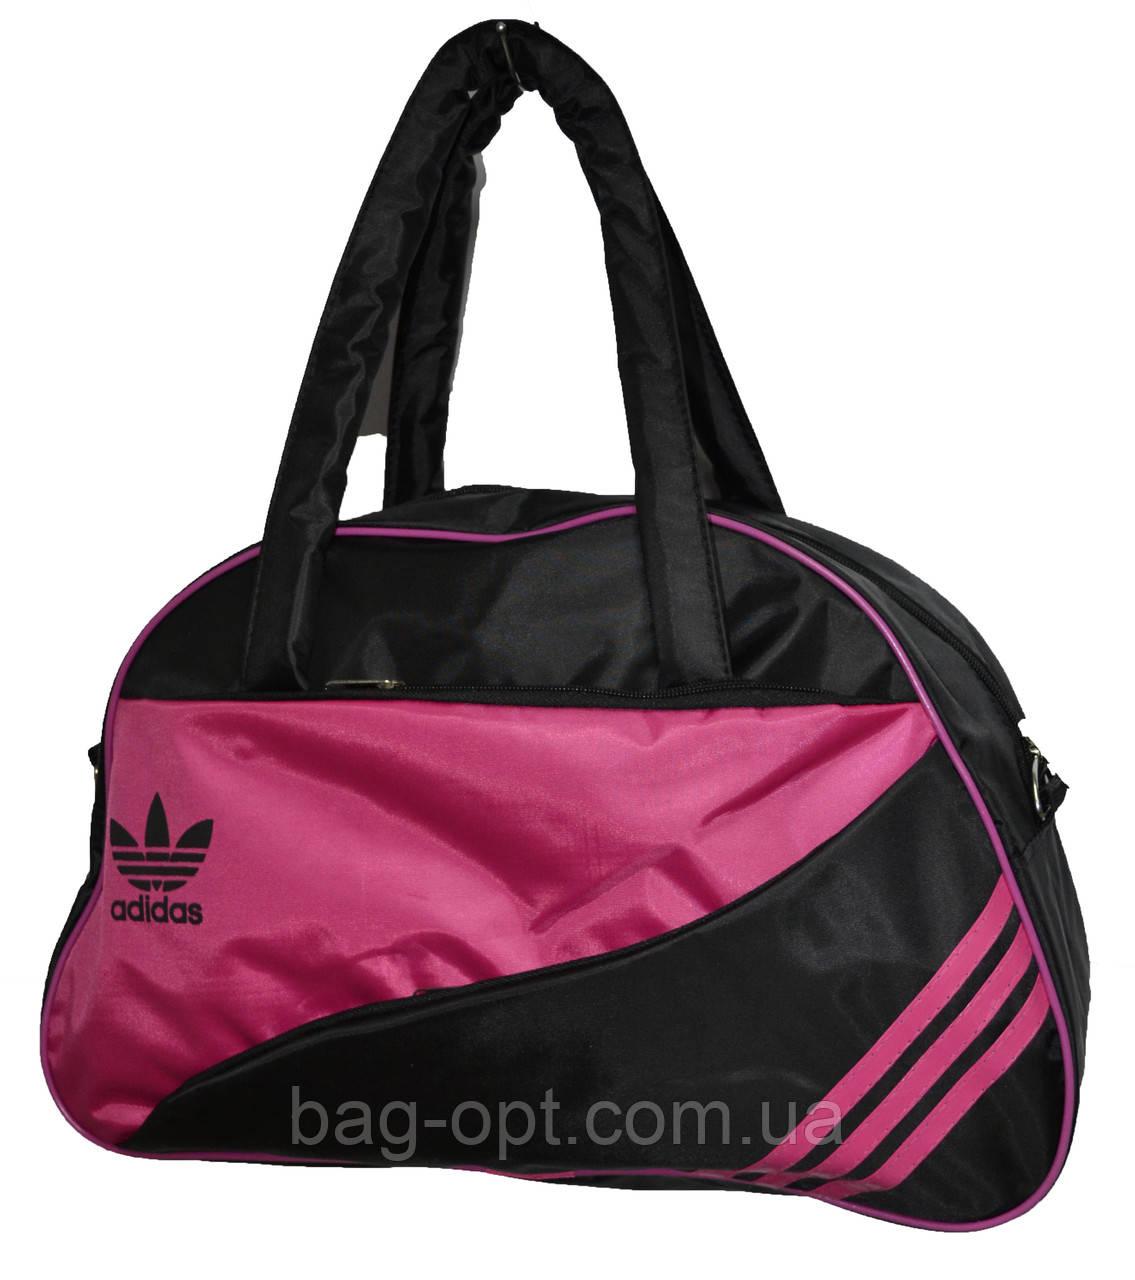 Сумка женская спортивная черная с розовыми вставками